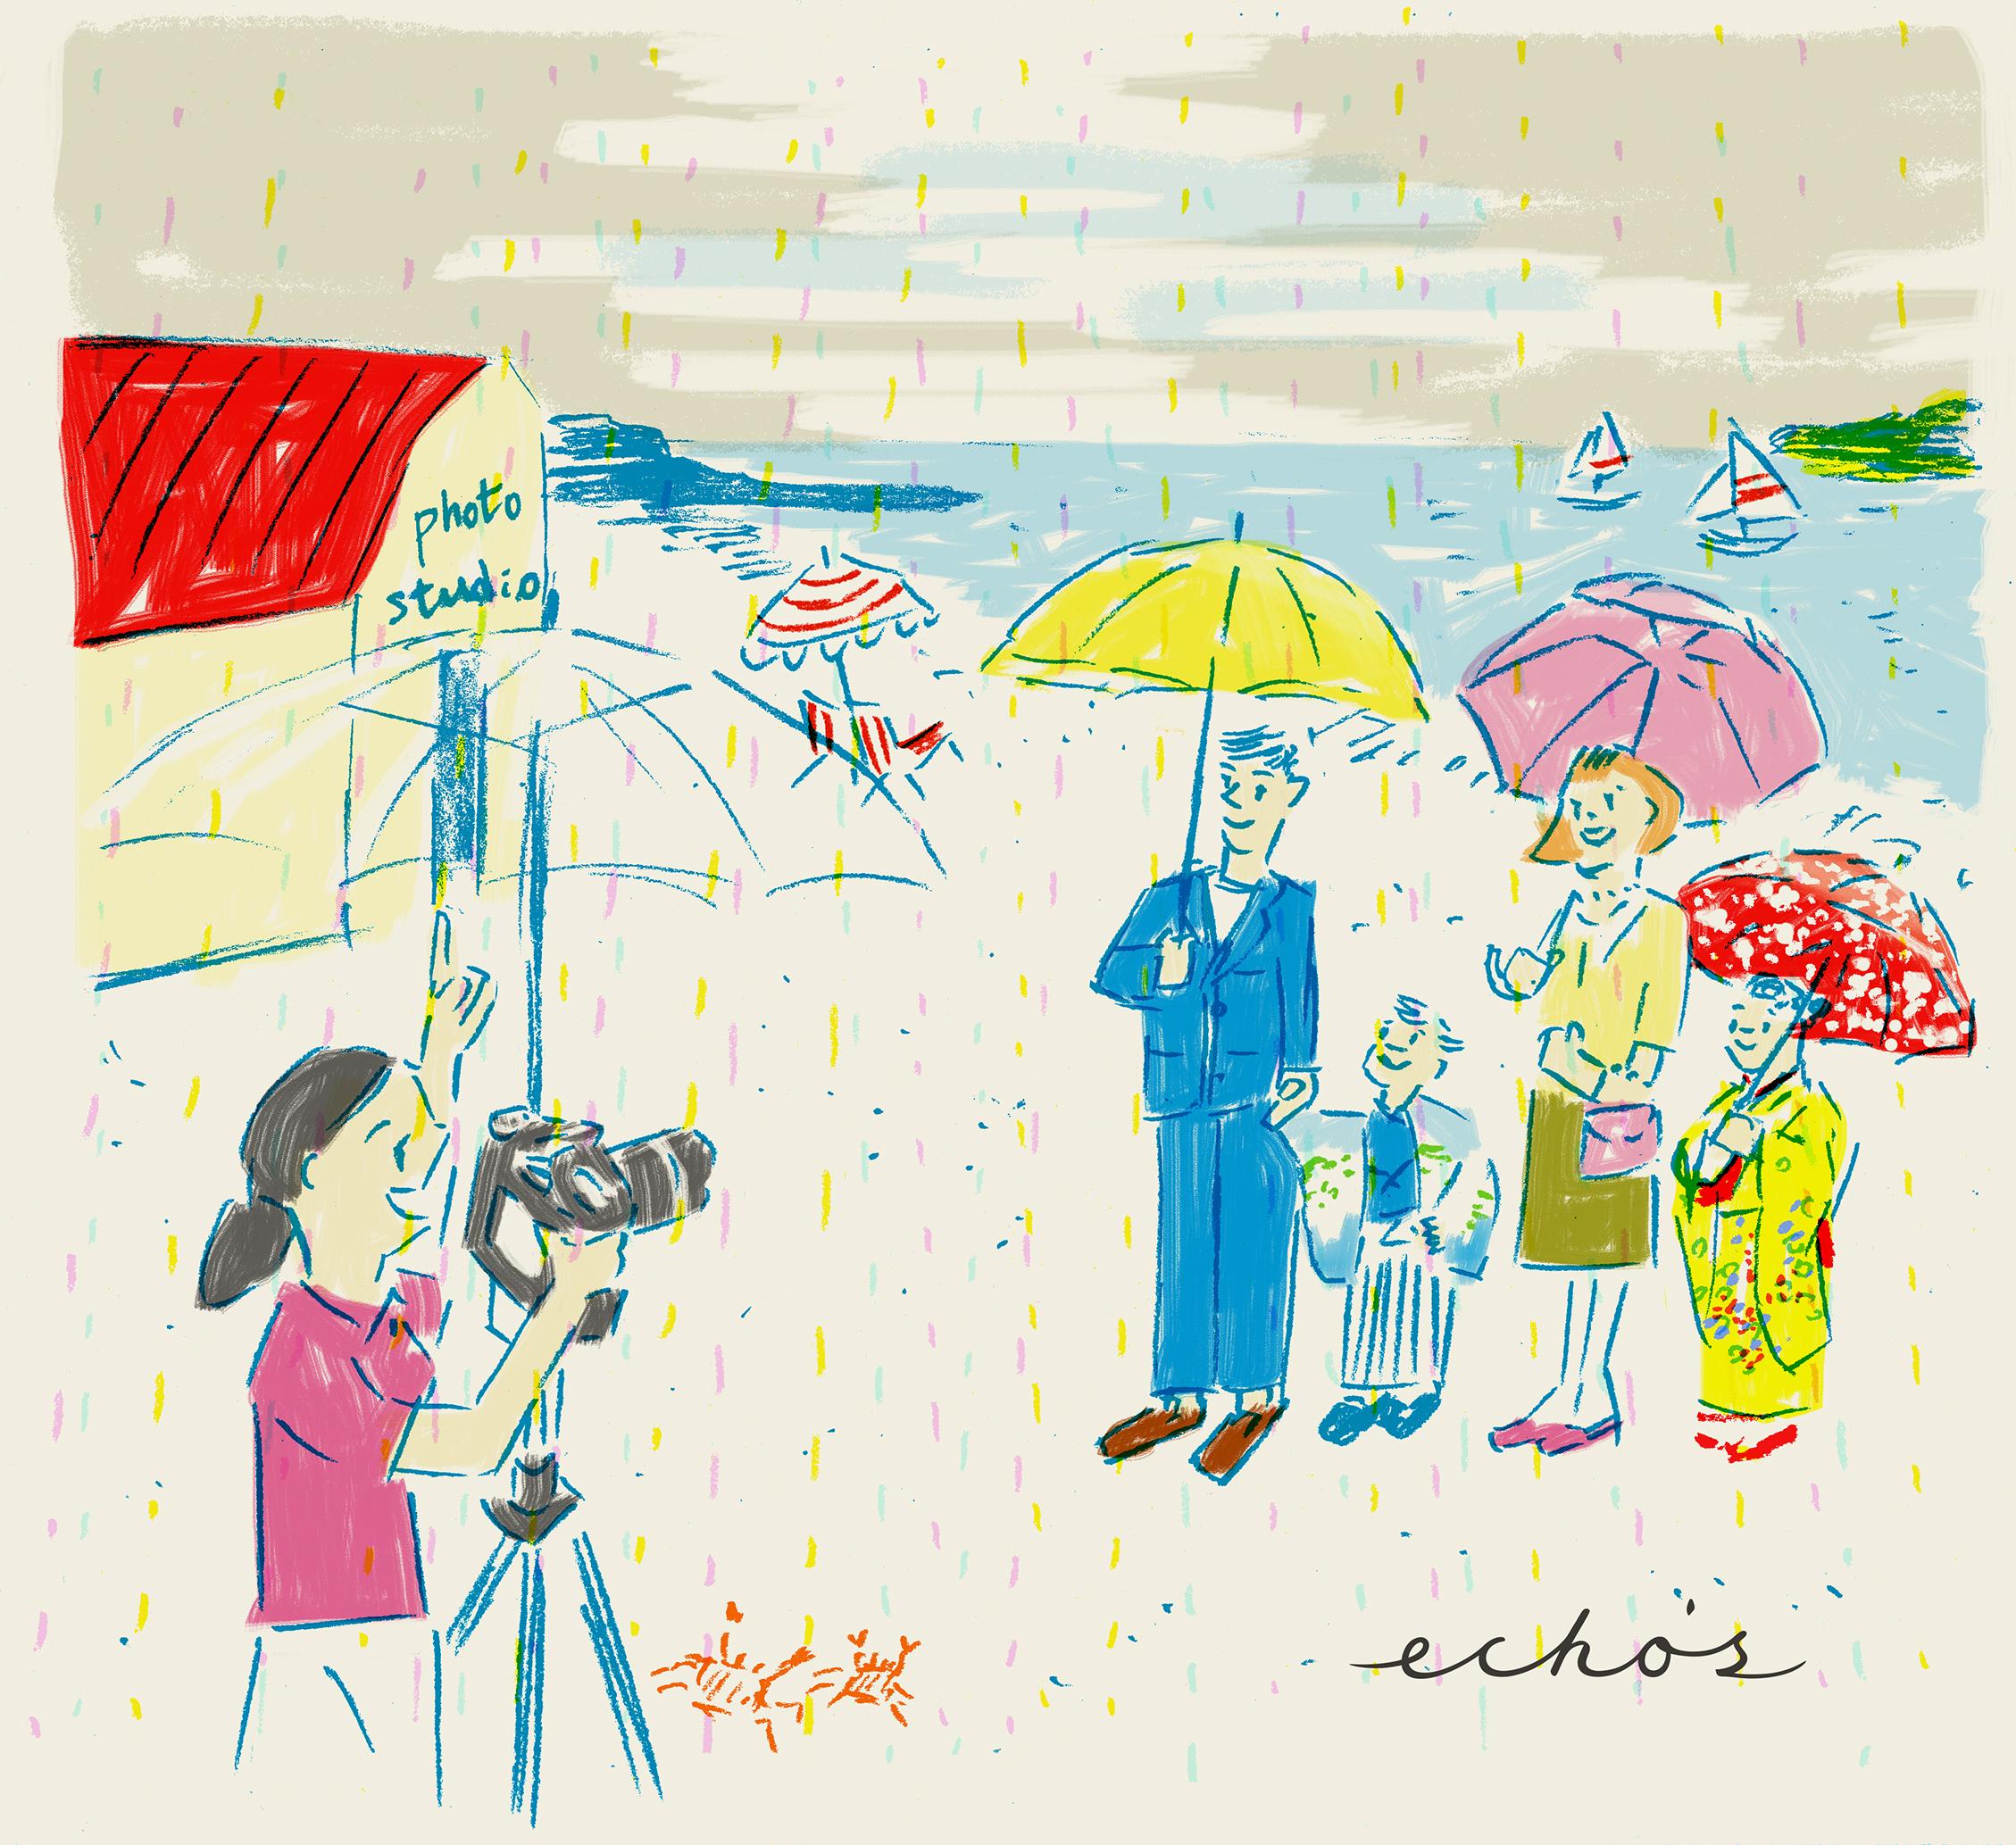 梅雨だし、雨だし、コロナだし、